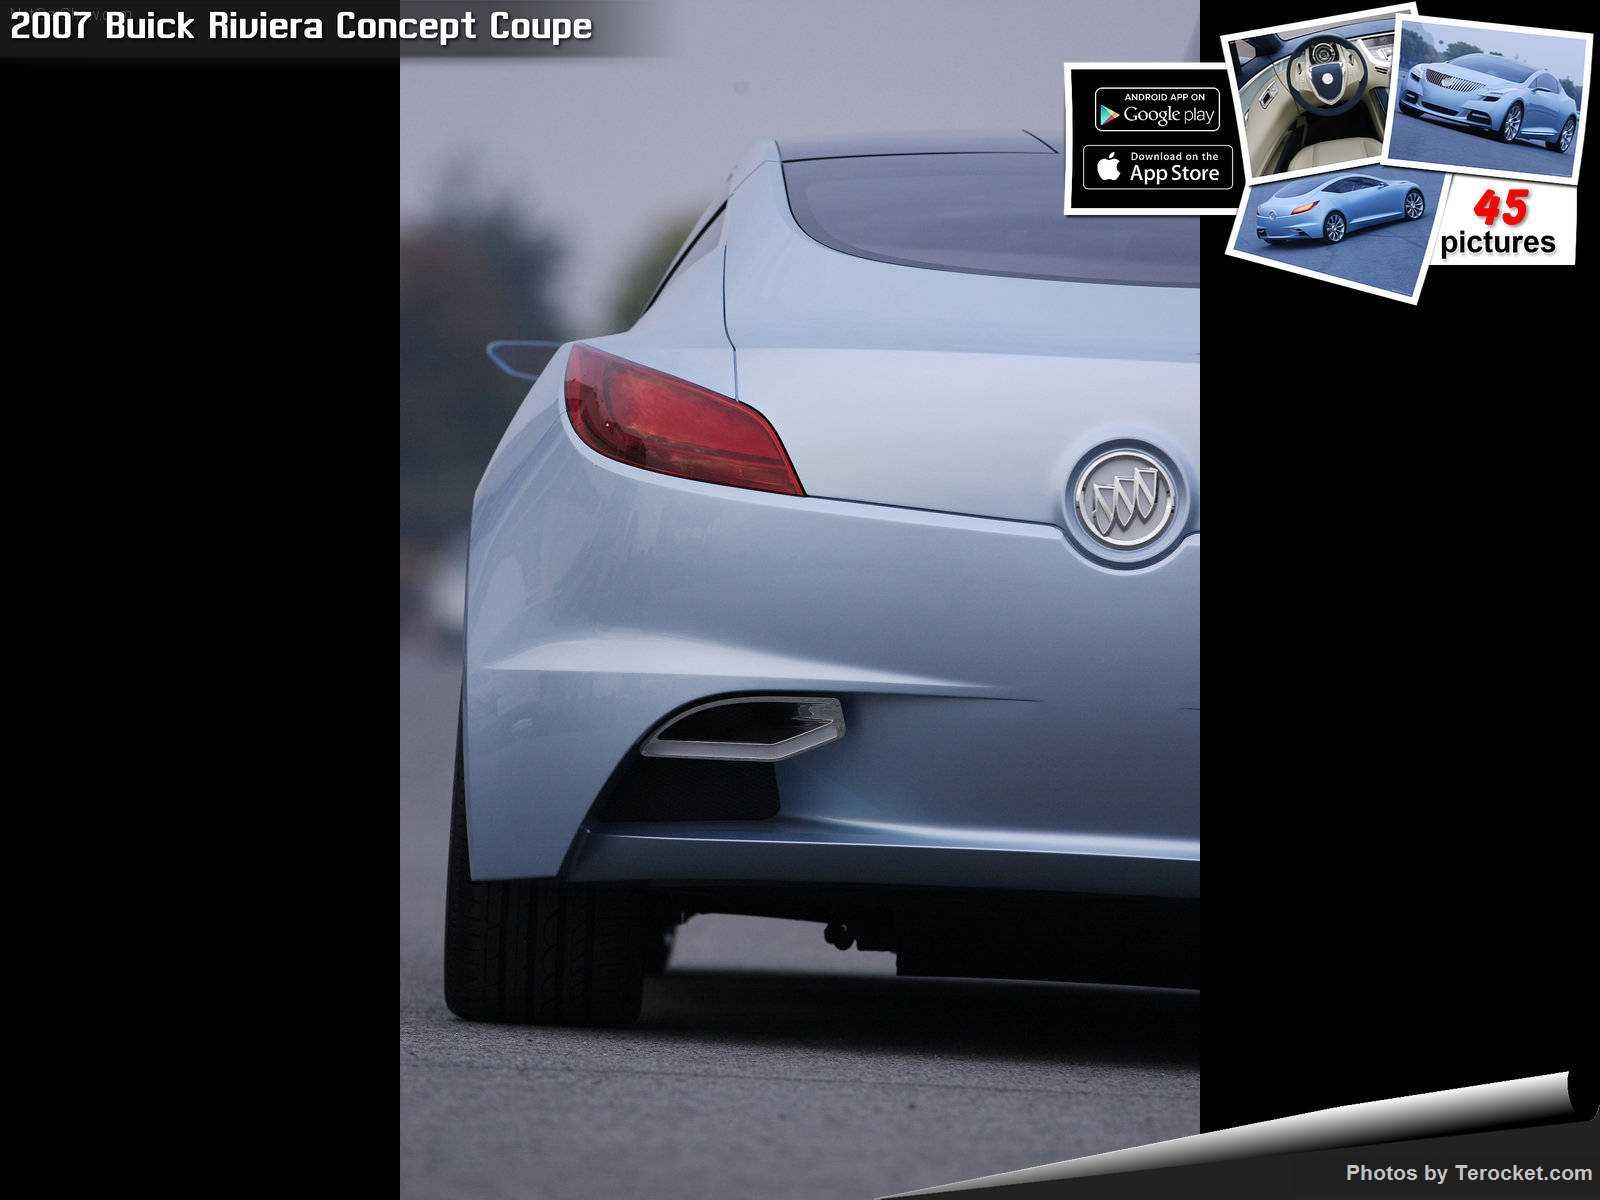 Hình ảnh xe ô tô Buick Riviera Concept Coupe 2007 & nội ngoại thất